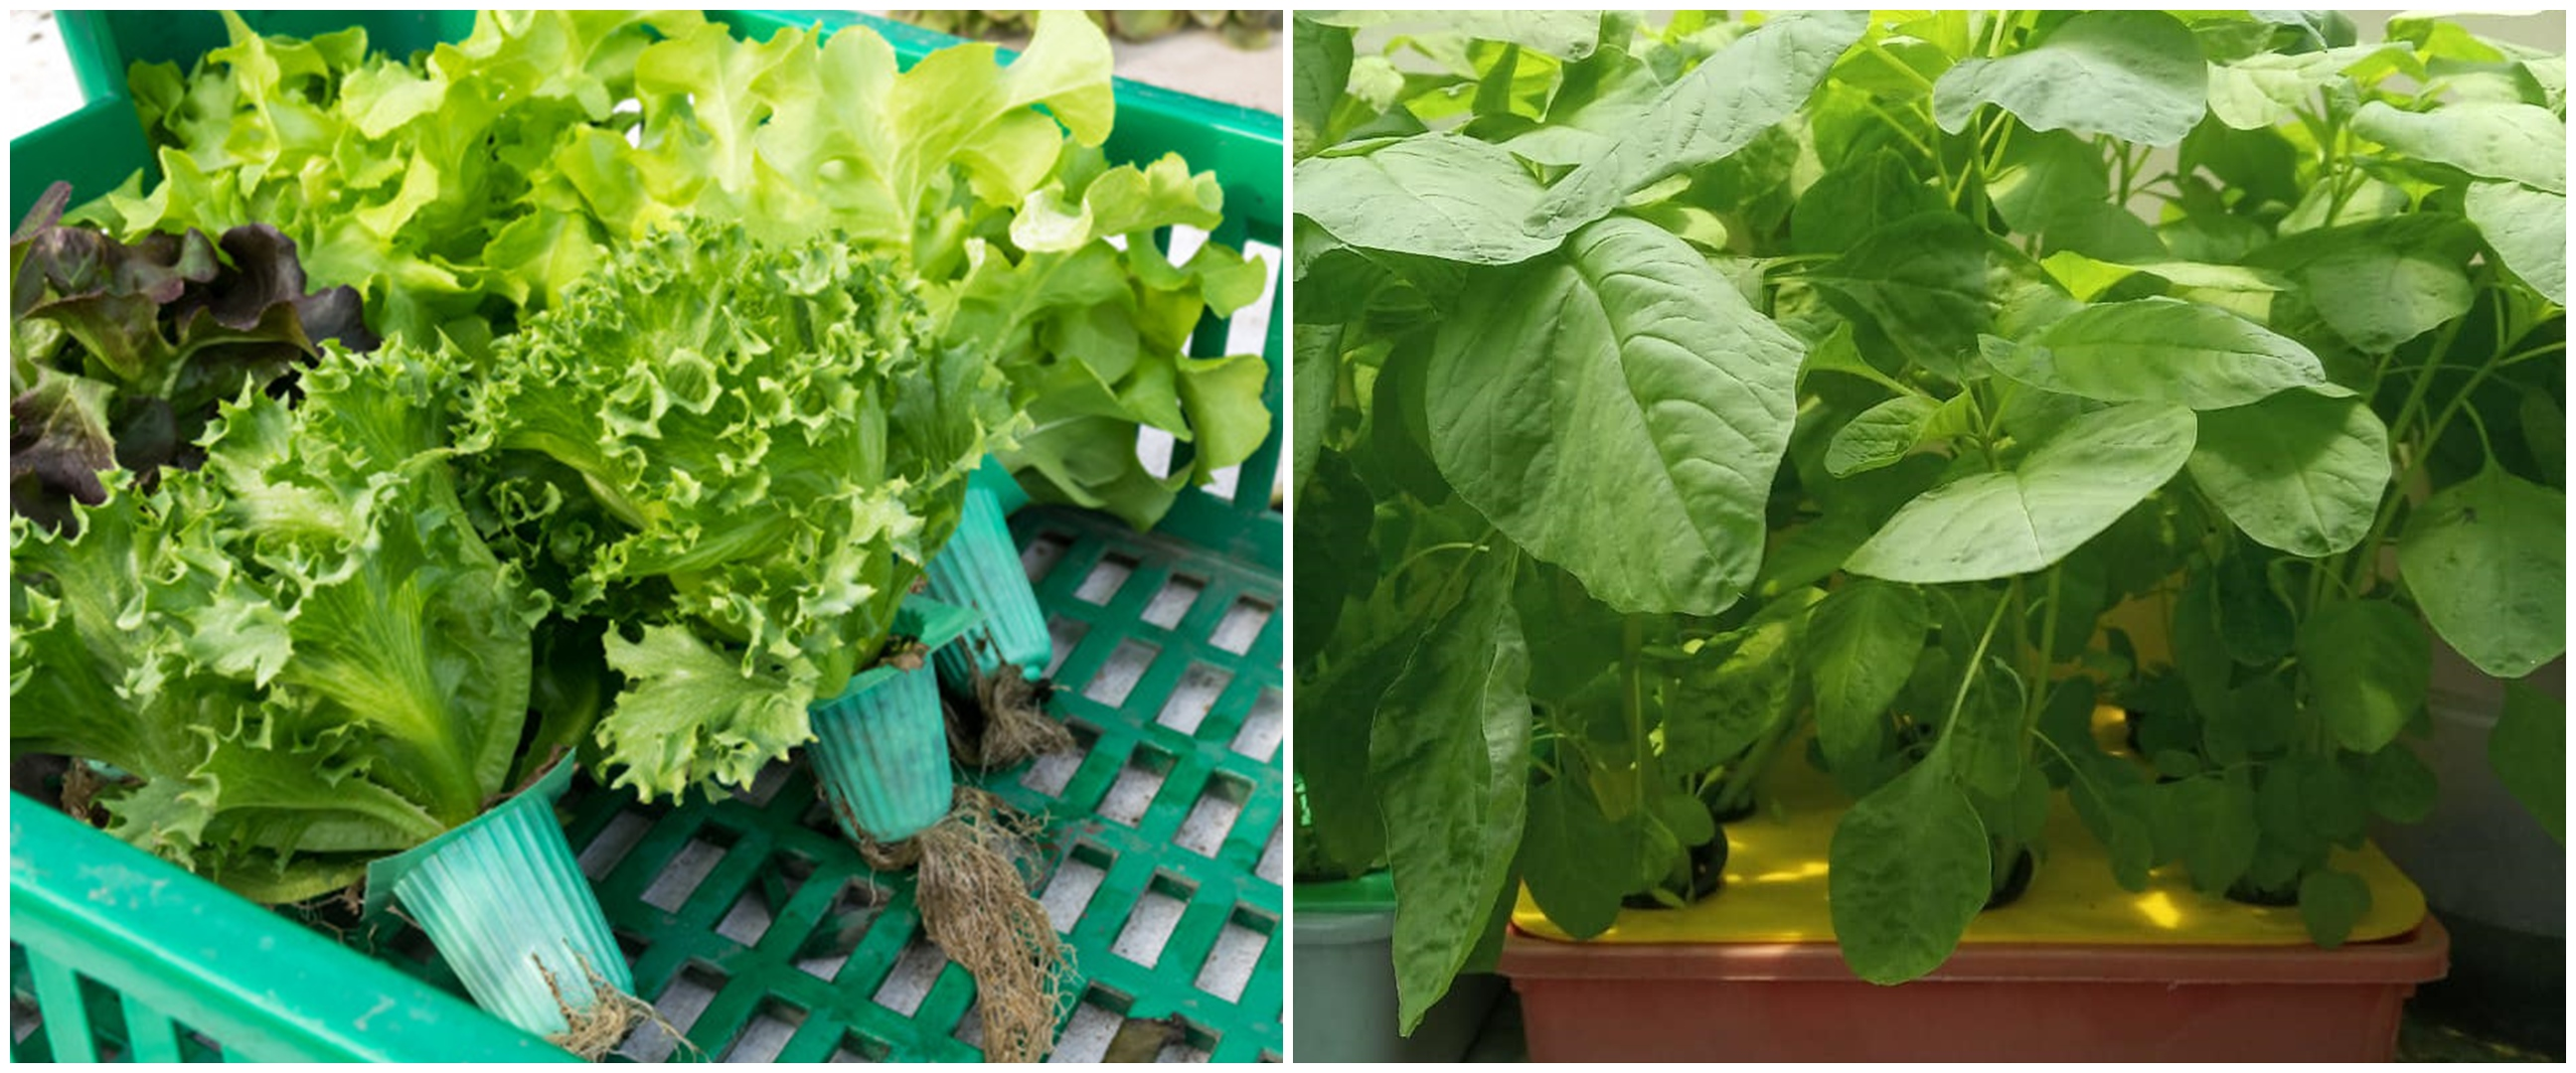 7 Tanaman hidroponik rumahan, mudah ditanam dan cocok untuk bisnis